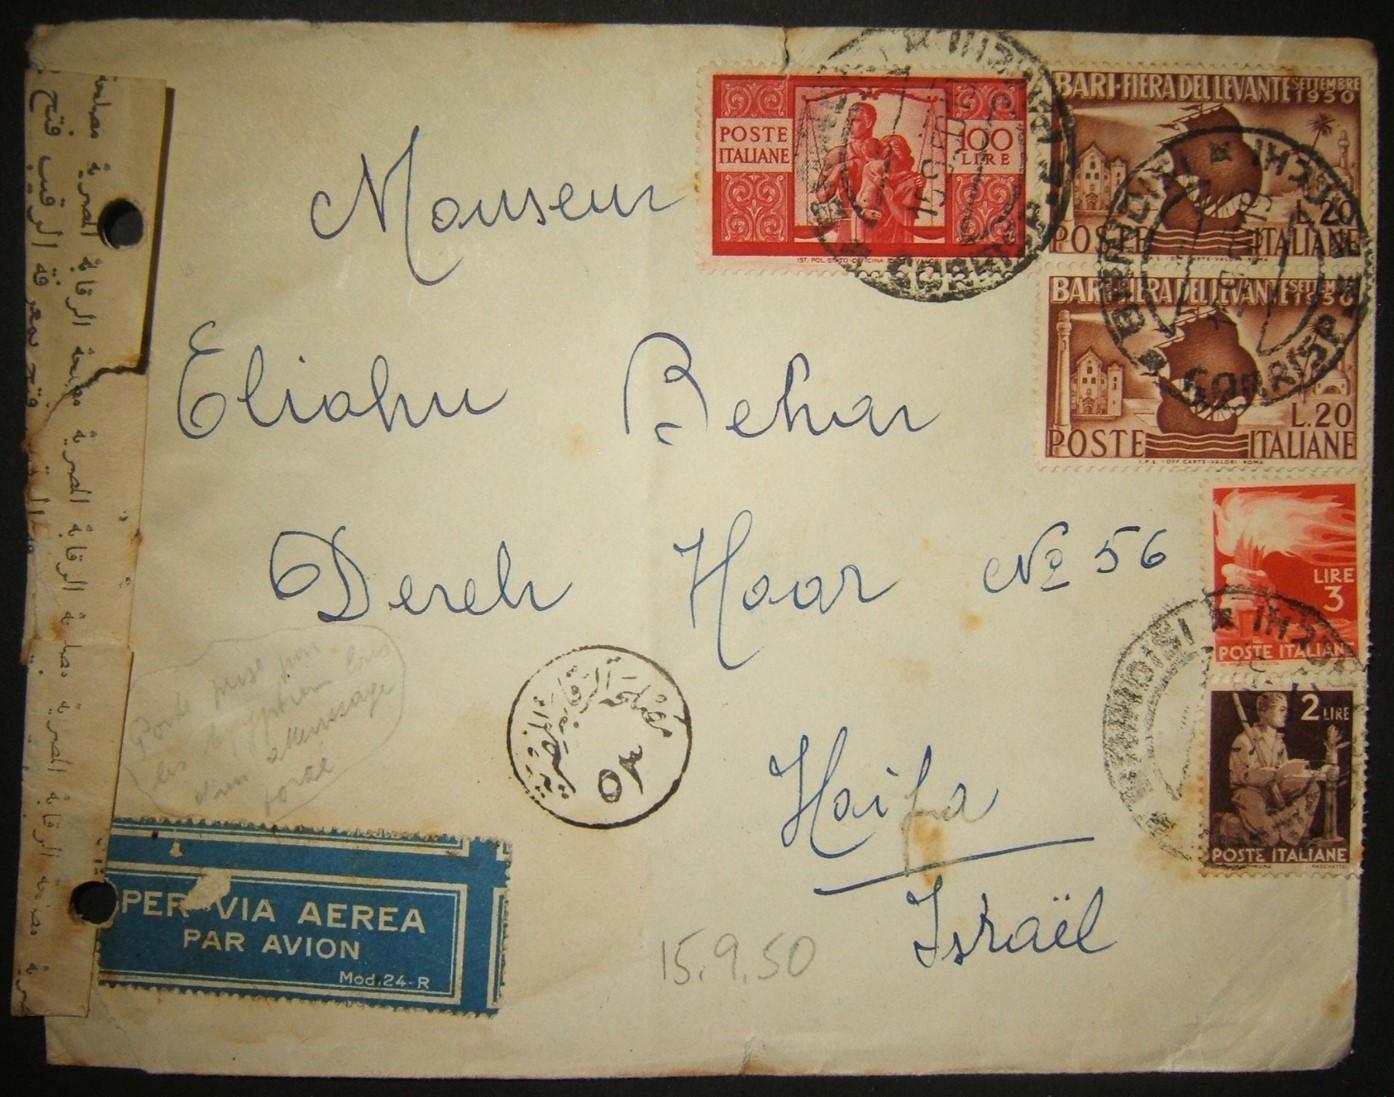 الاكتشاف: 1950 تم الاستيلاء على البريد الإيطالي إلى إسرائيل من رحلة TWA التي هبطت بالقوة في مصر واستياء